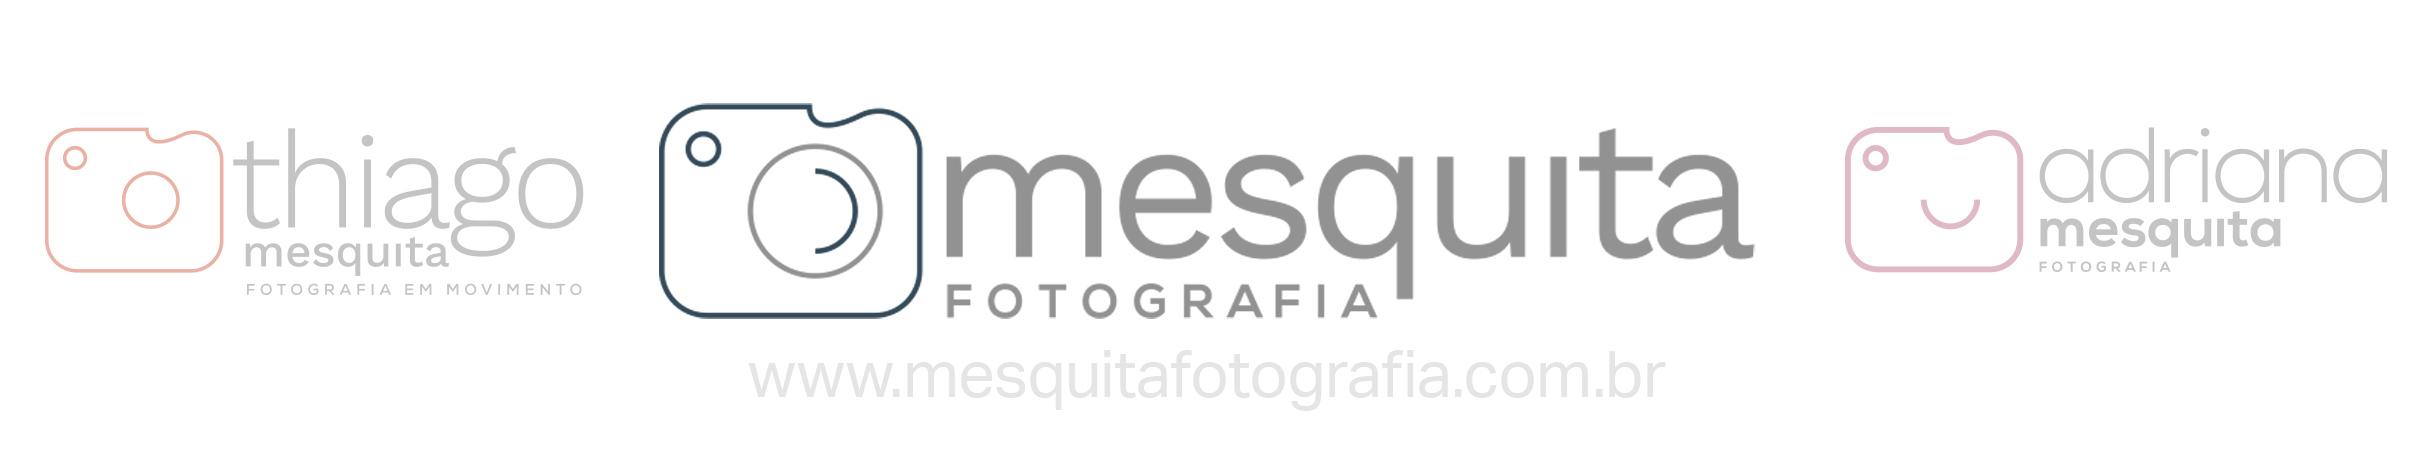 Sobre Mesquita Fotografia - Referência em Foto de Parto/ Nascimento em Uberlândia